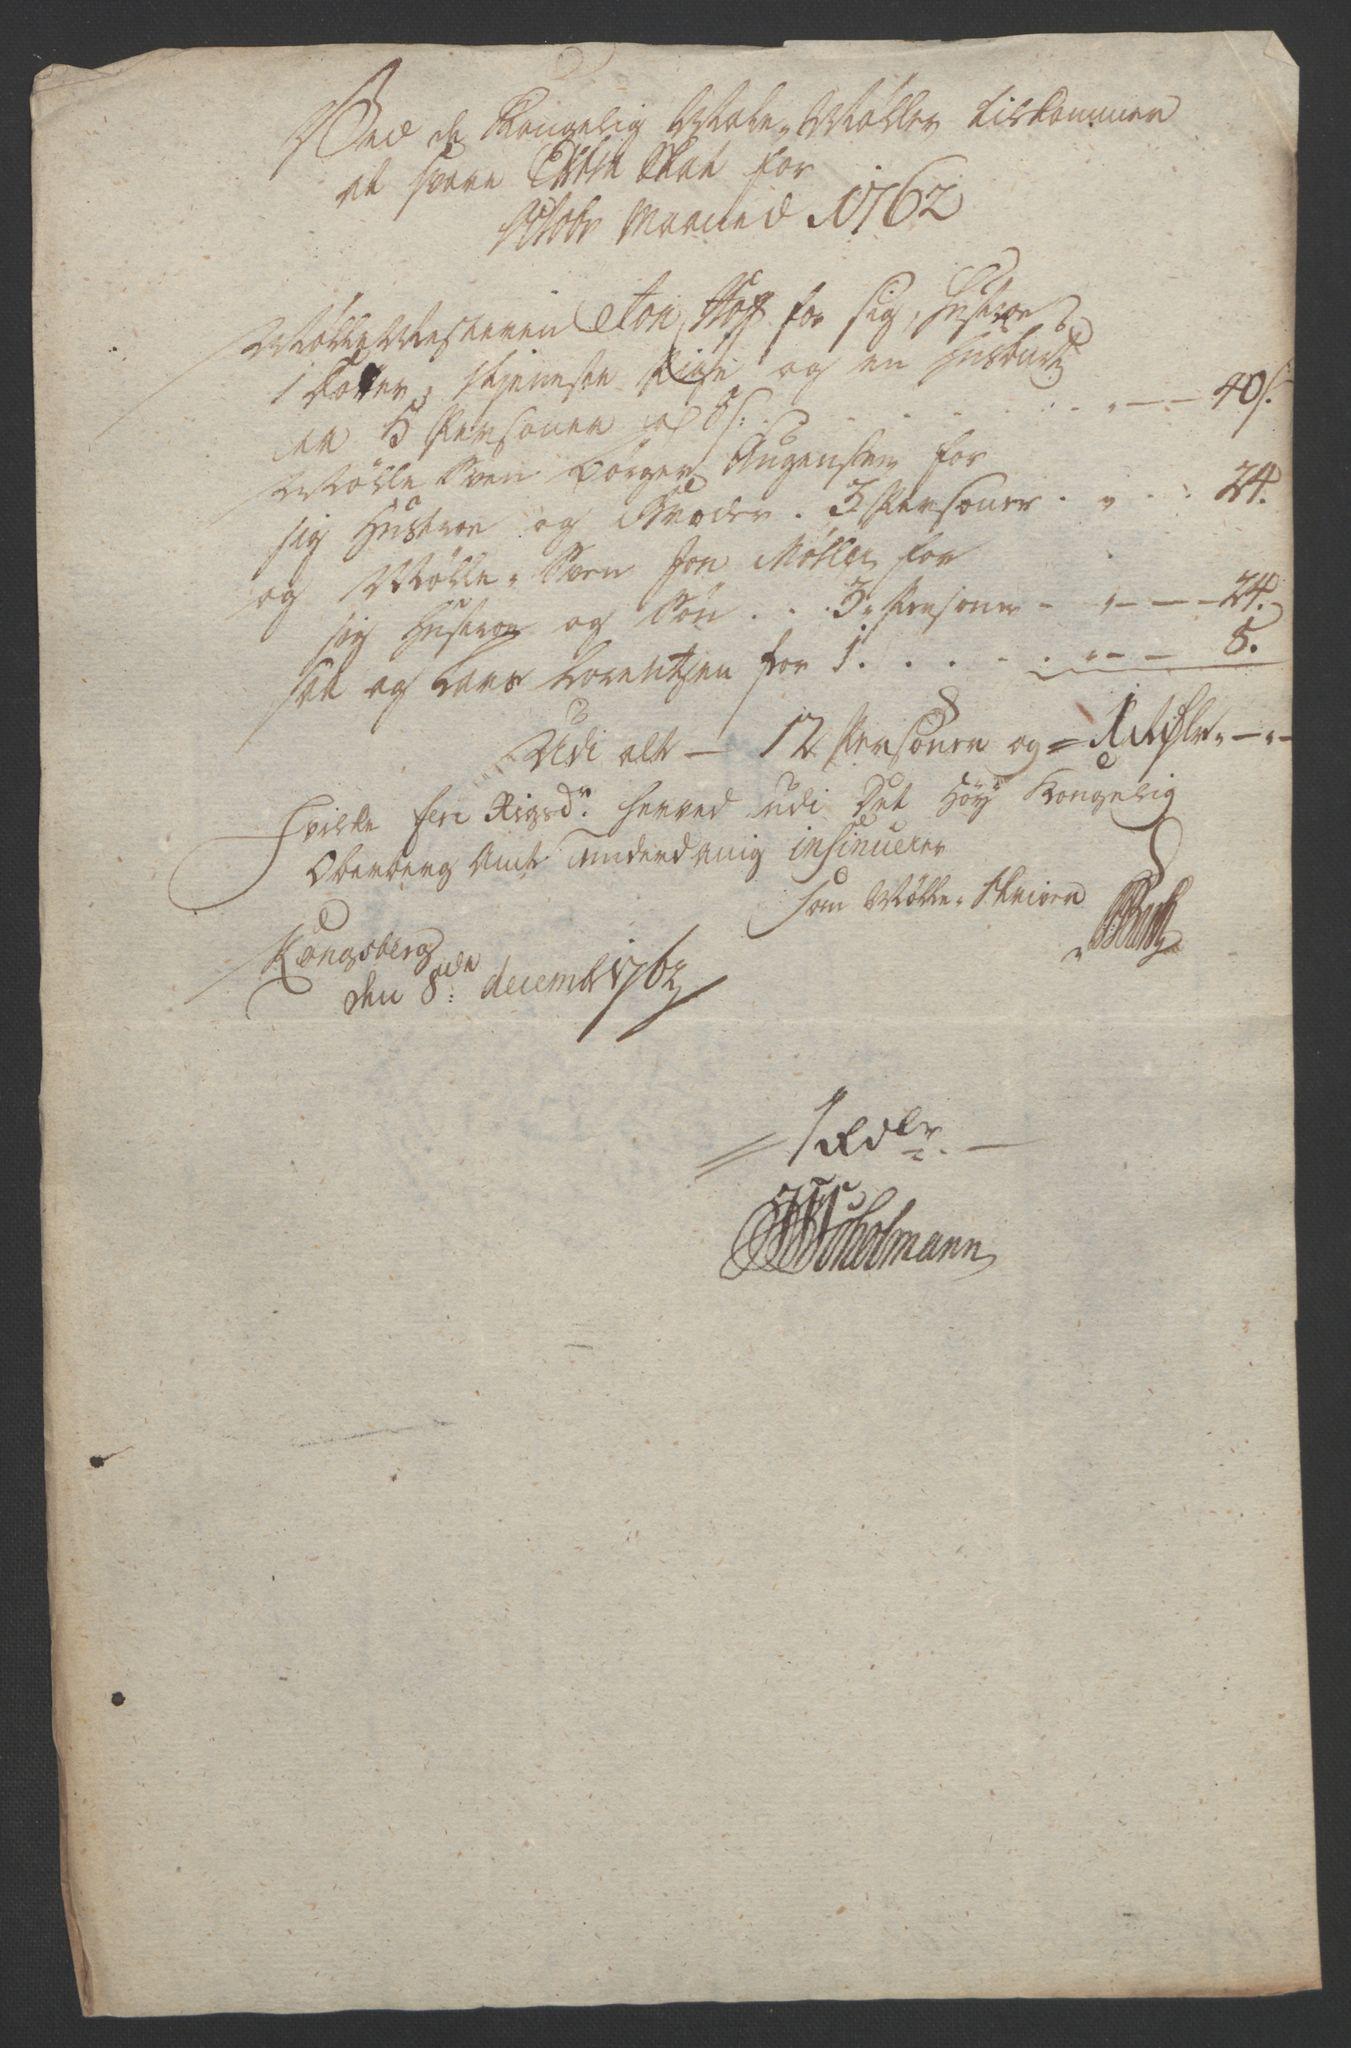 RA, Rentekammeret inntil 1814, Reviderte regnskaper, Bergverksregnskaper, R/Rc/Rca/L0843: Ekstraskatt, 1762-1765, s. 161